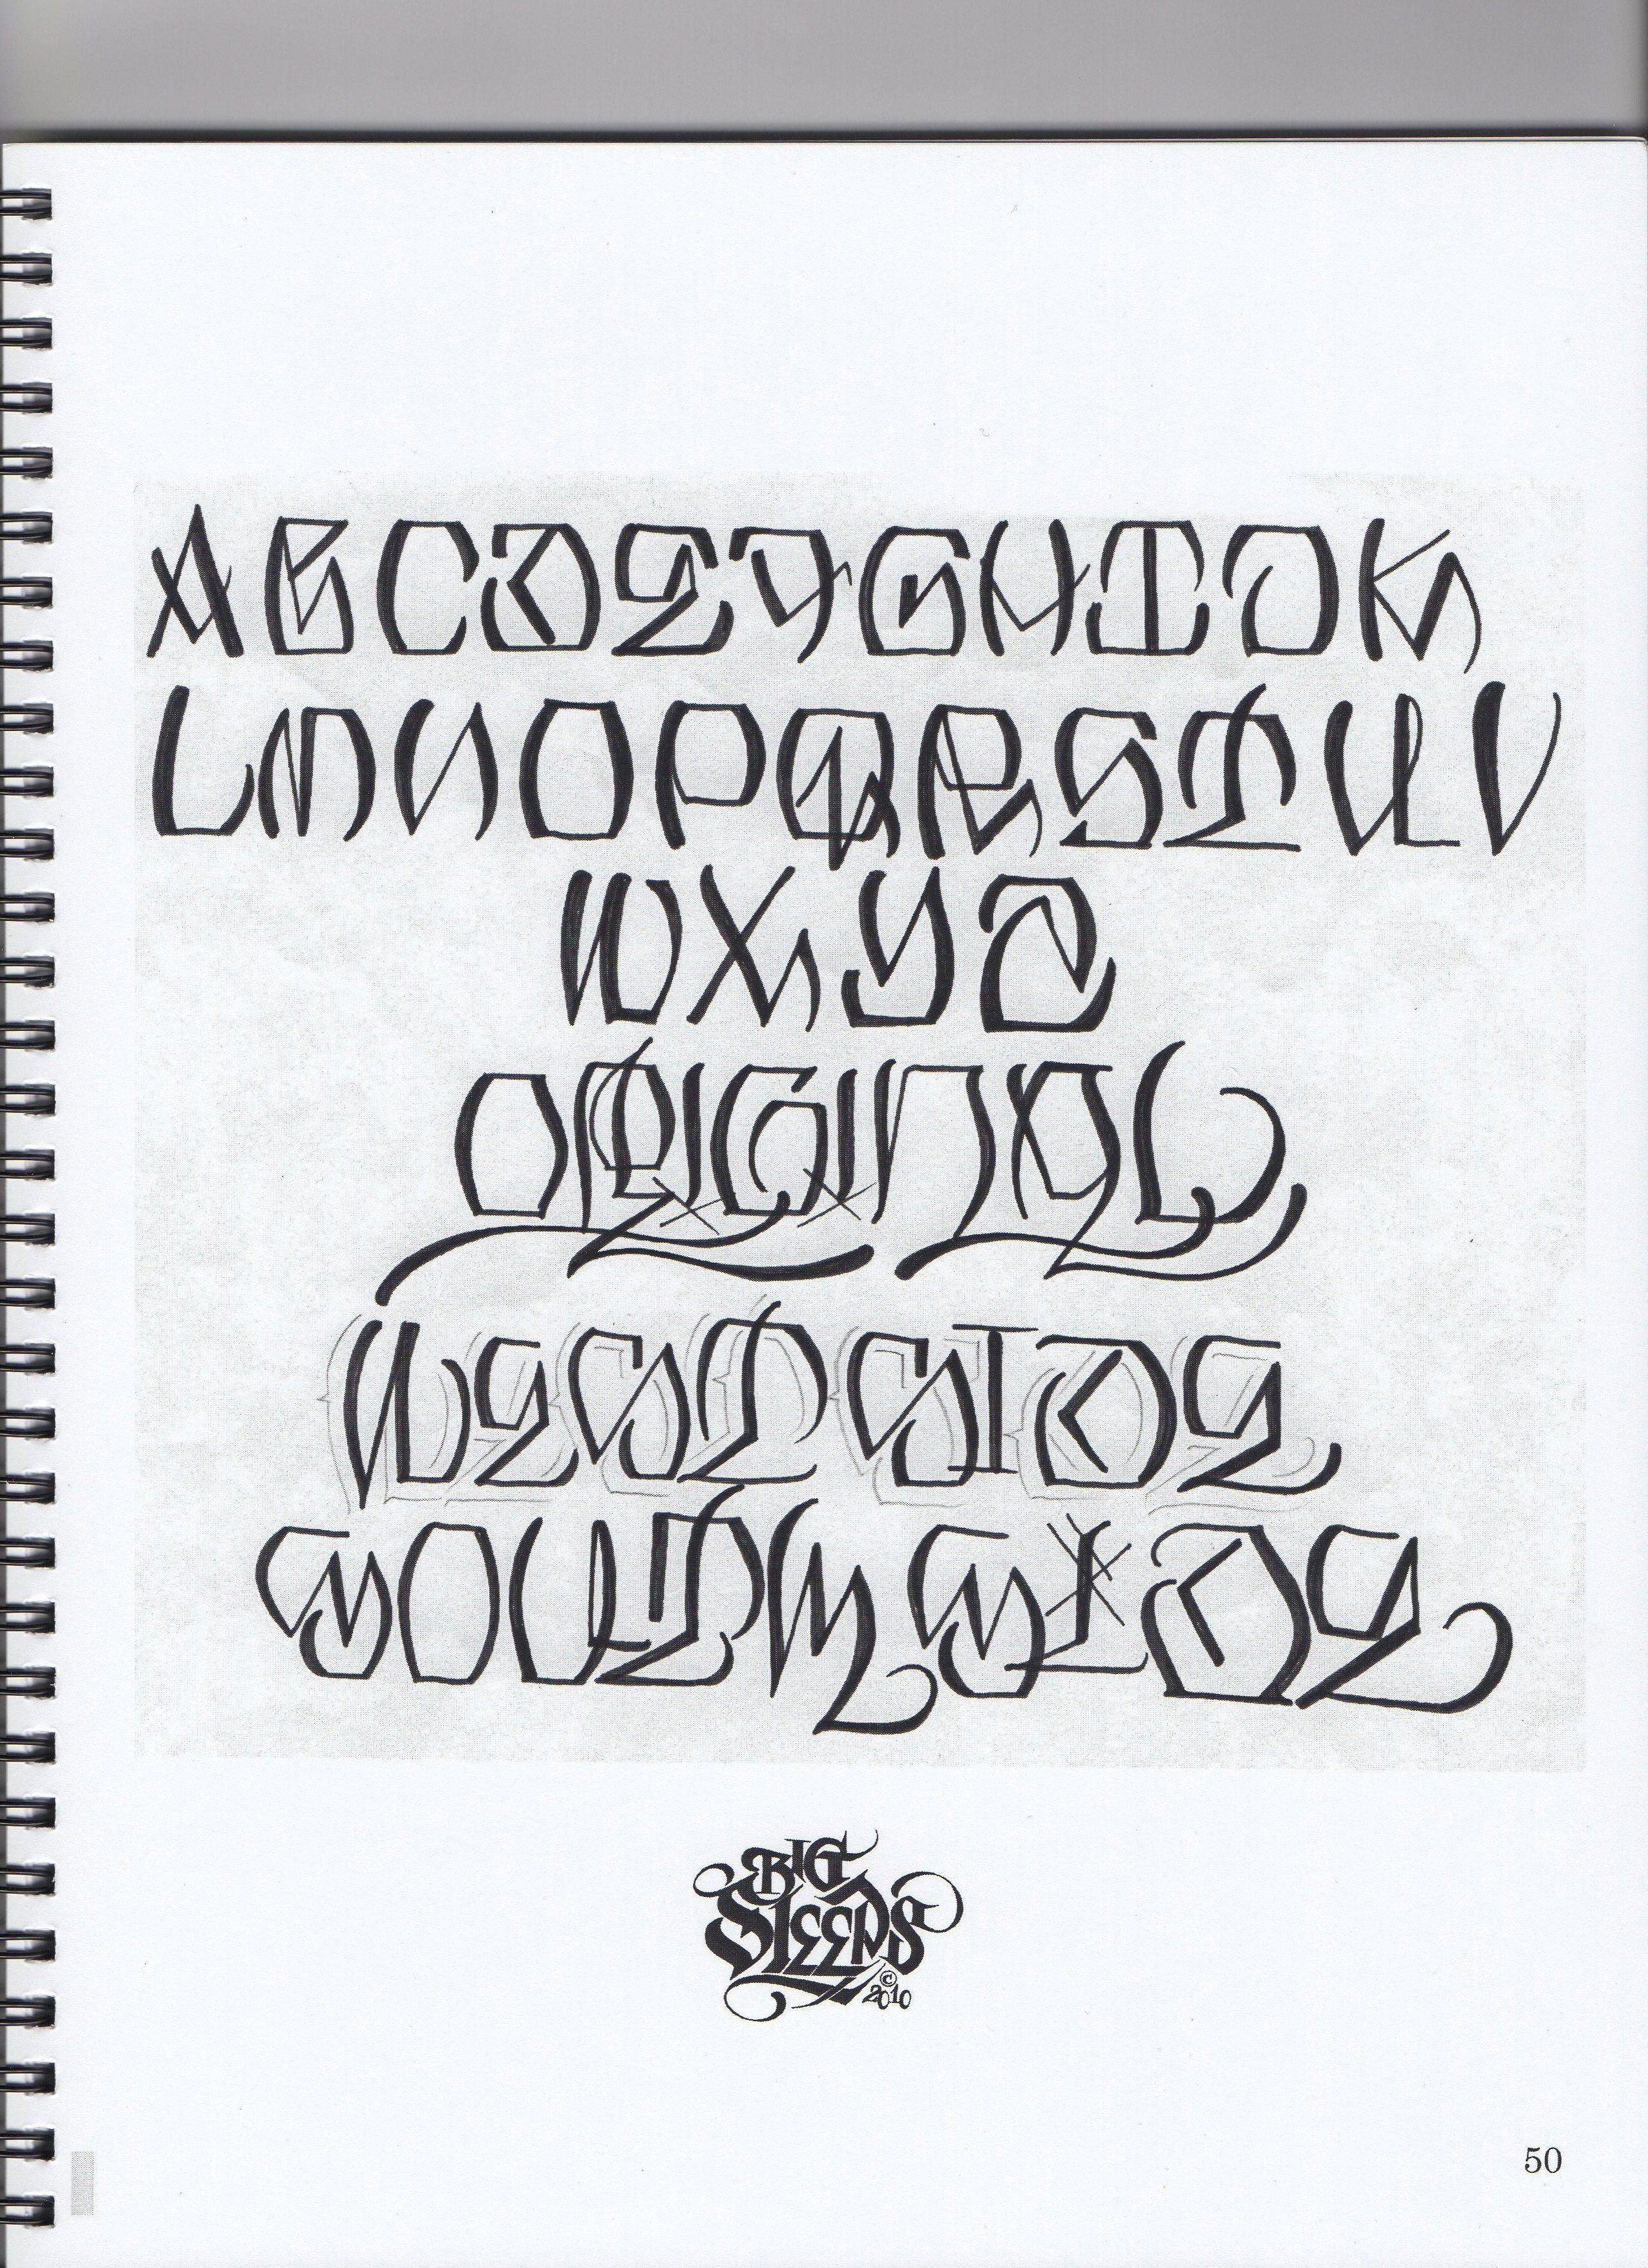 Gangster Handwriting : gangster, handwriting, Sleep, Tattoo, Lettering, Fonts,, Graffiti, Fonts